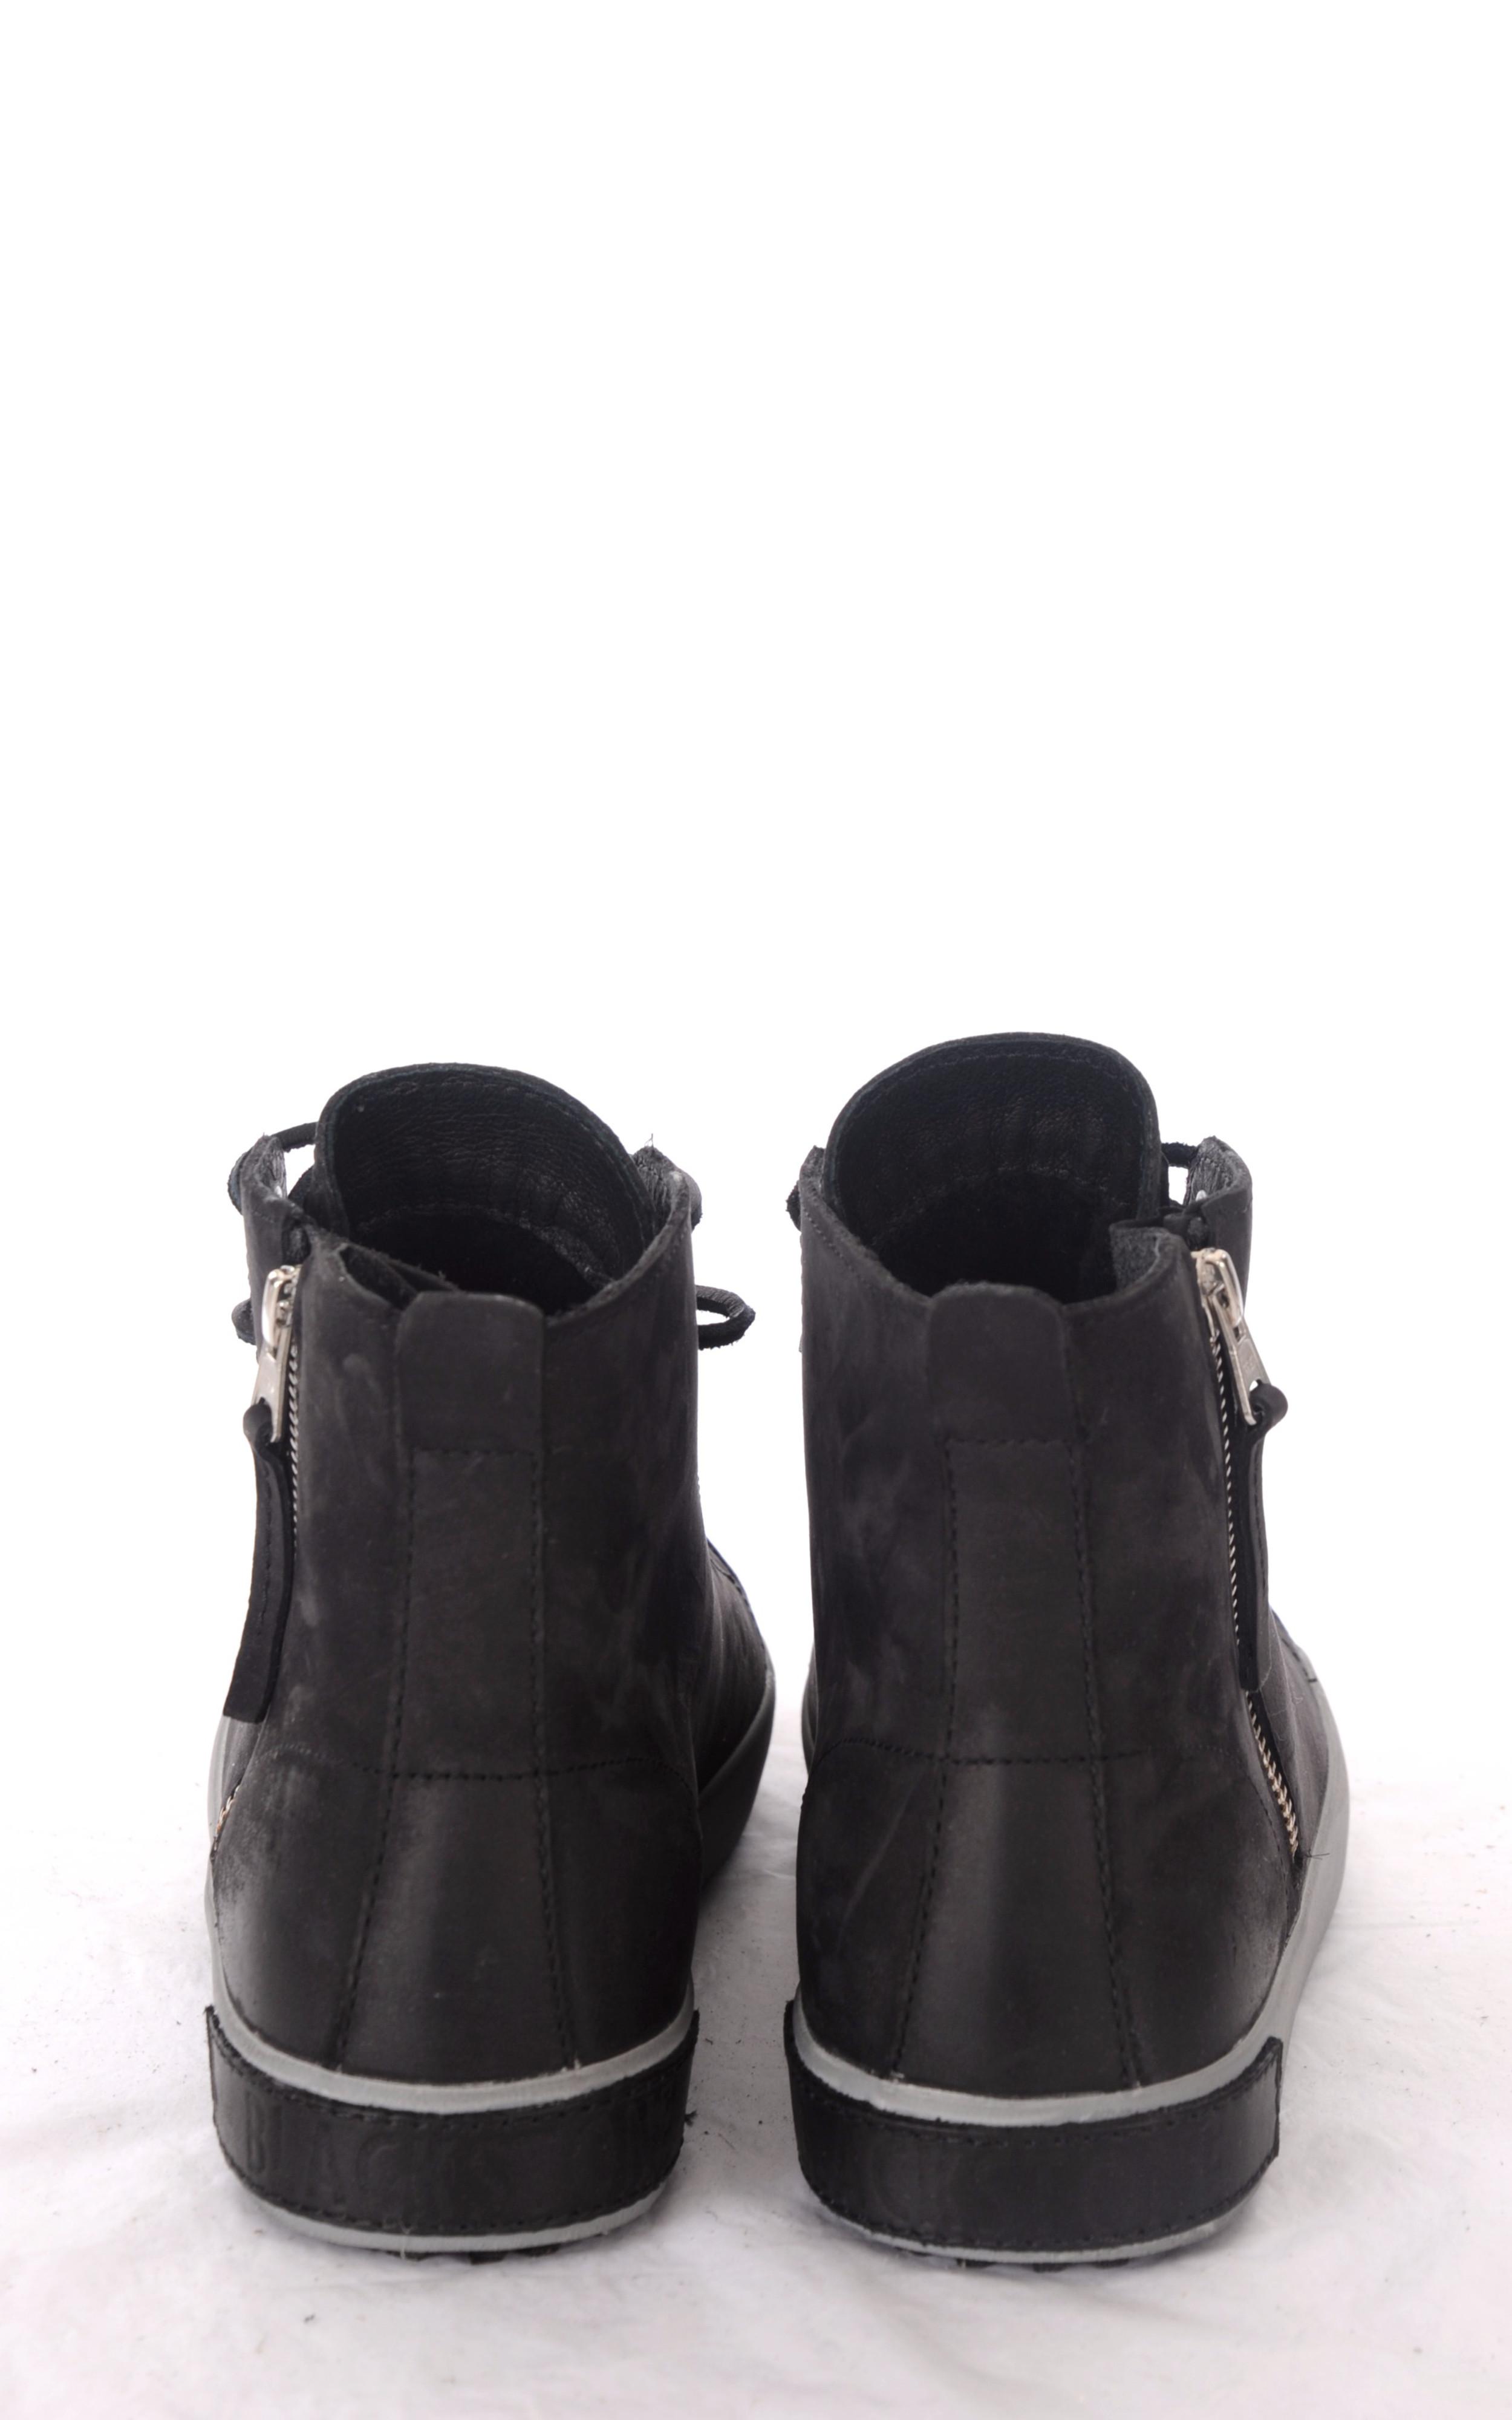 Baskets Noires Fourrées Mouton Blackstone